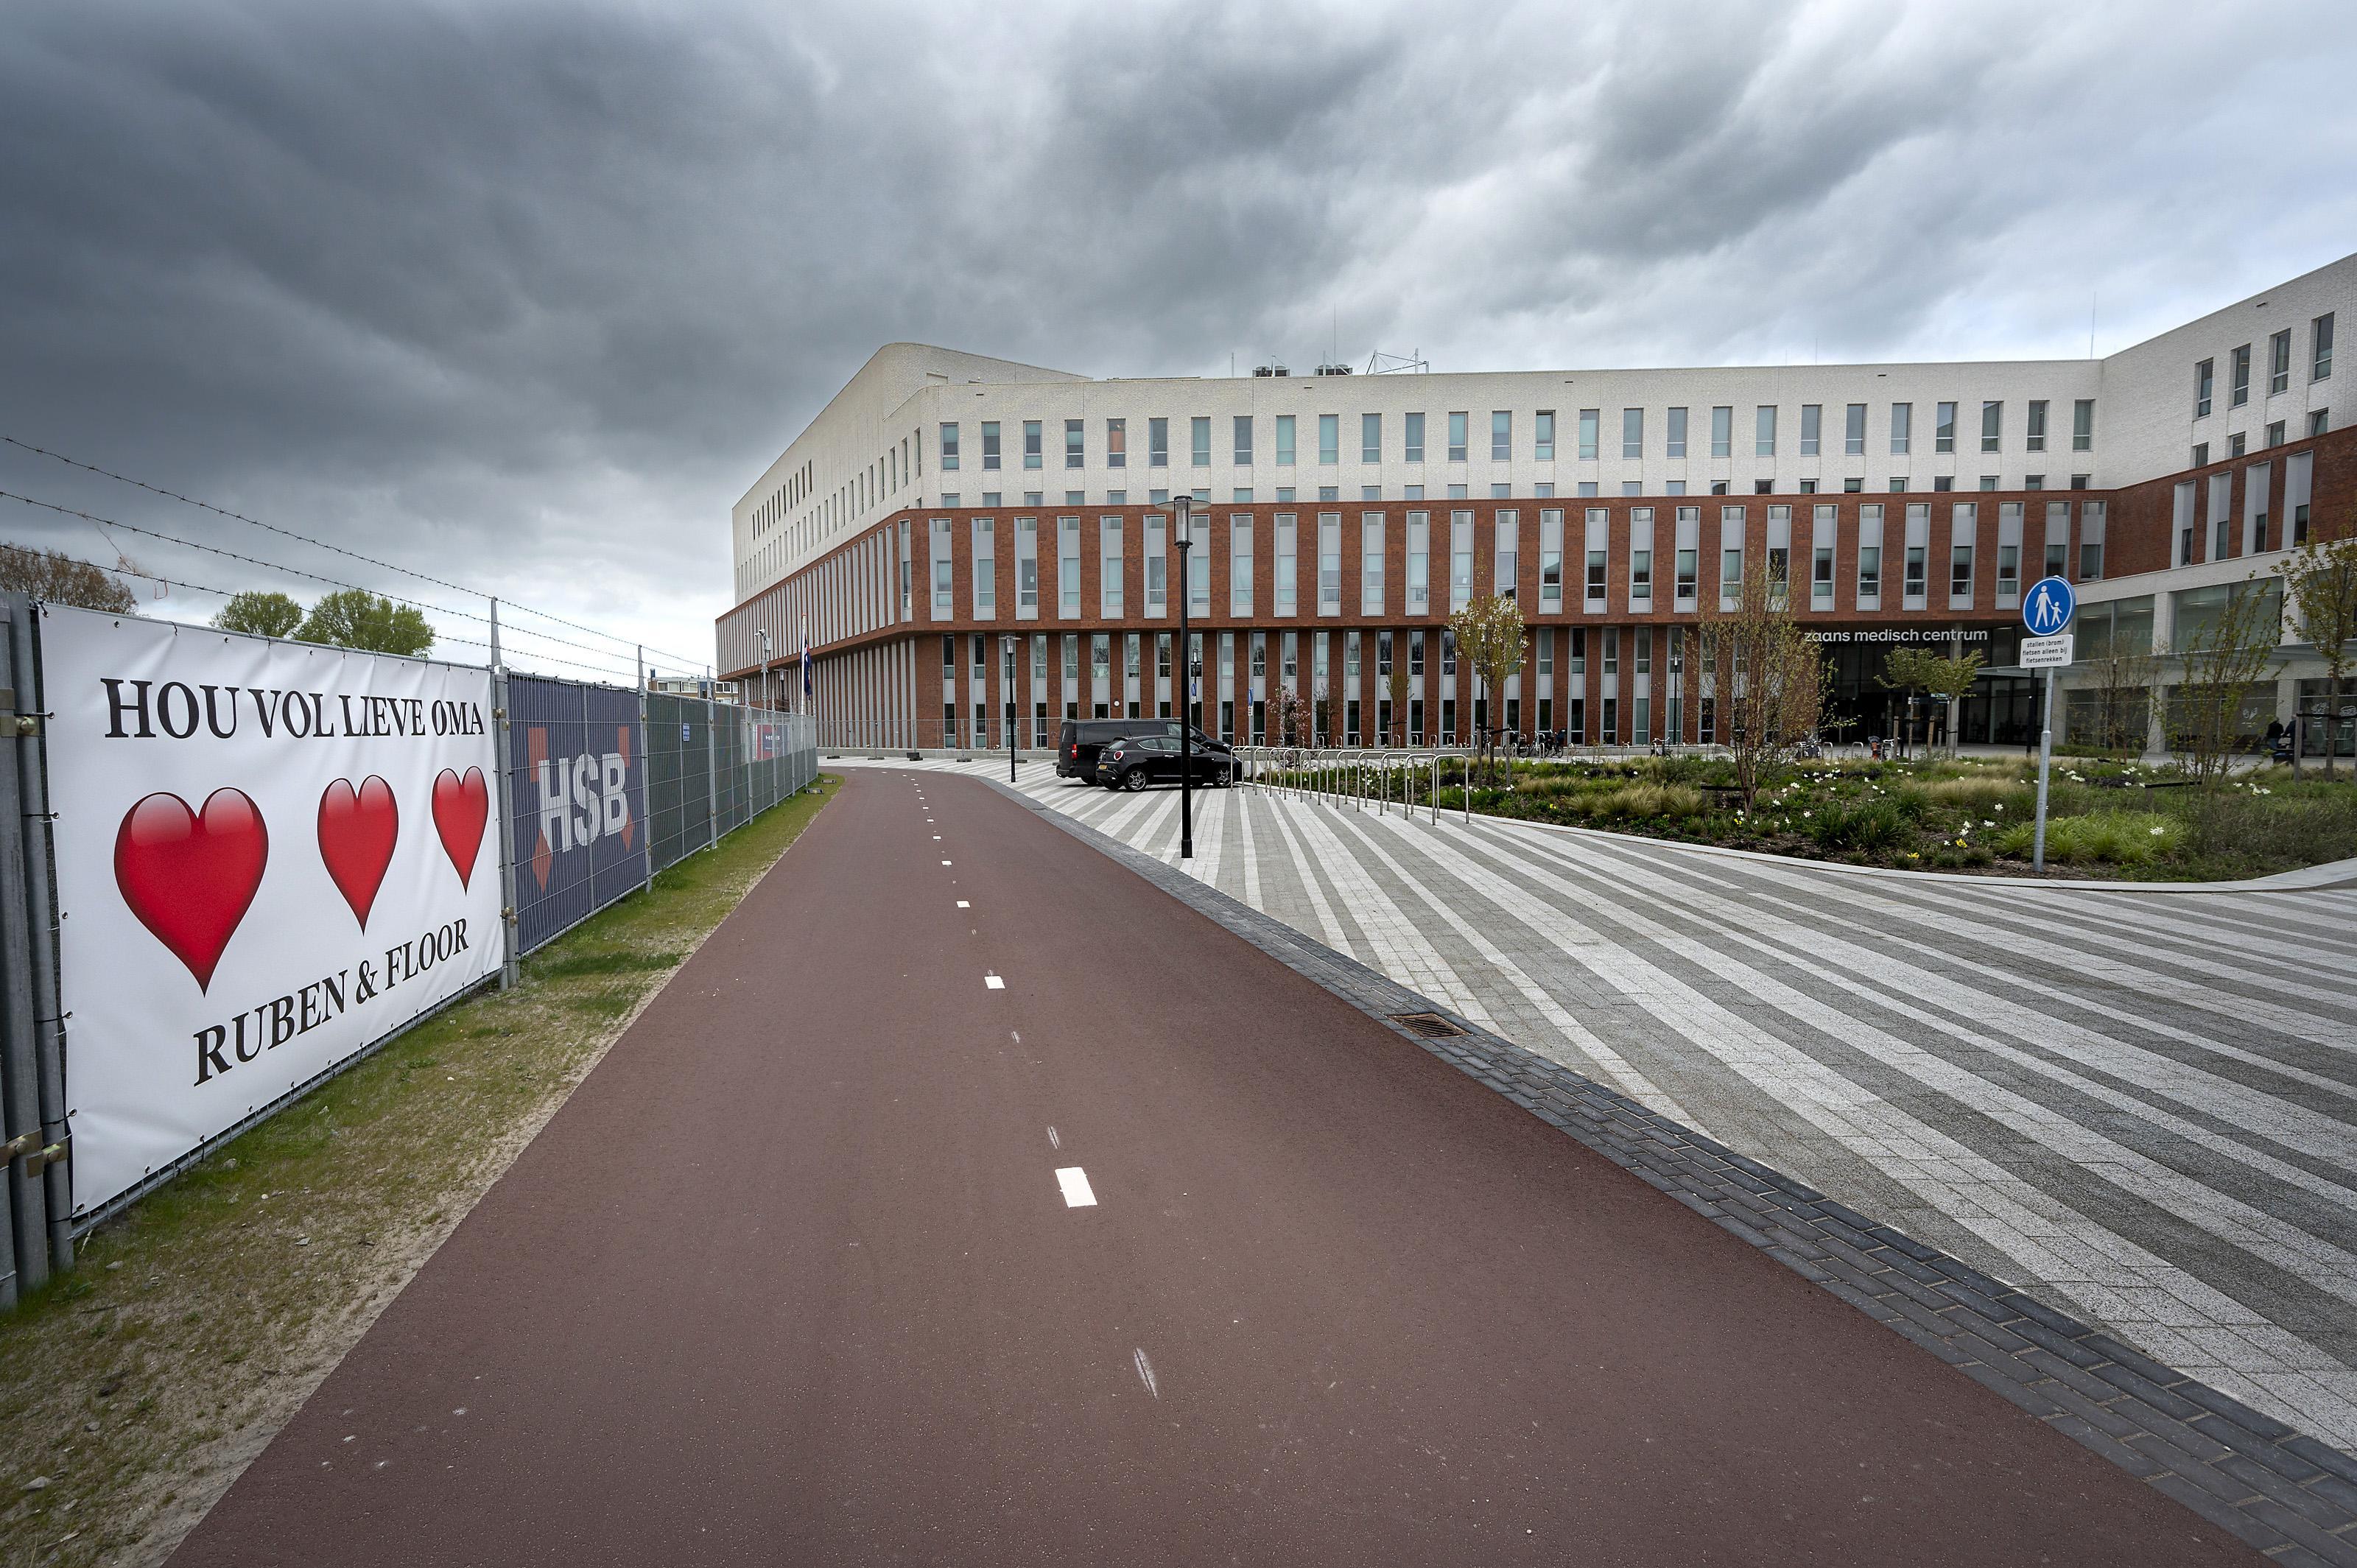 Draaiboek voor tweede coronagolf ligt klaar in ZMC en Dijklander Ziekenhuis; 'We laten ons niet opnieuw verrassen'